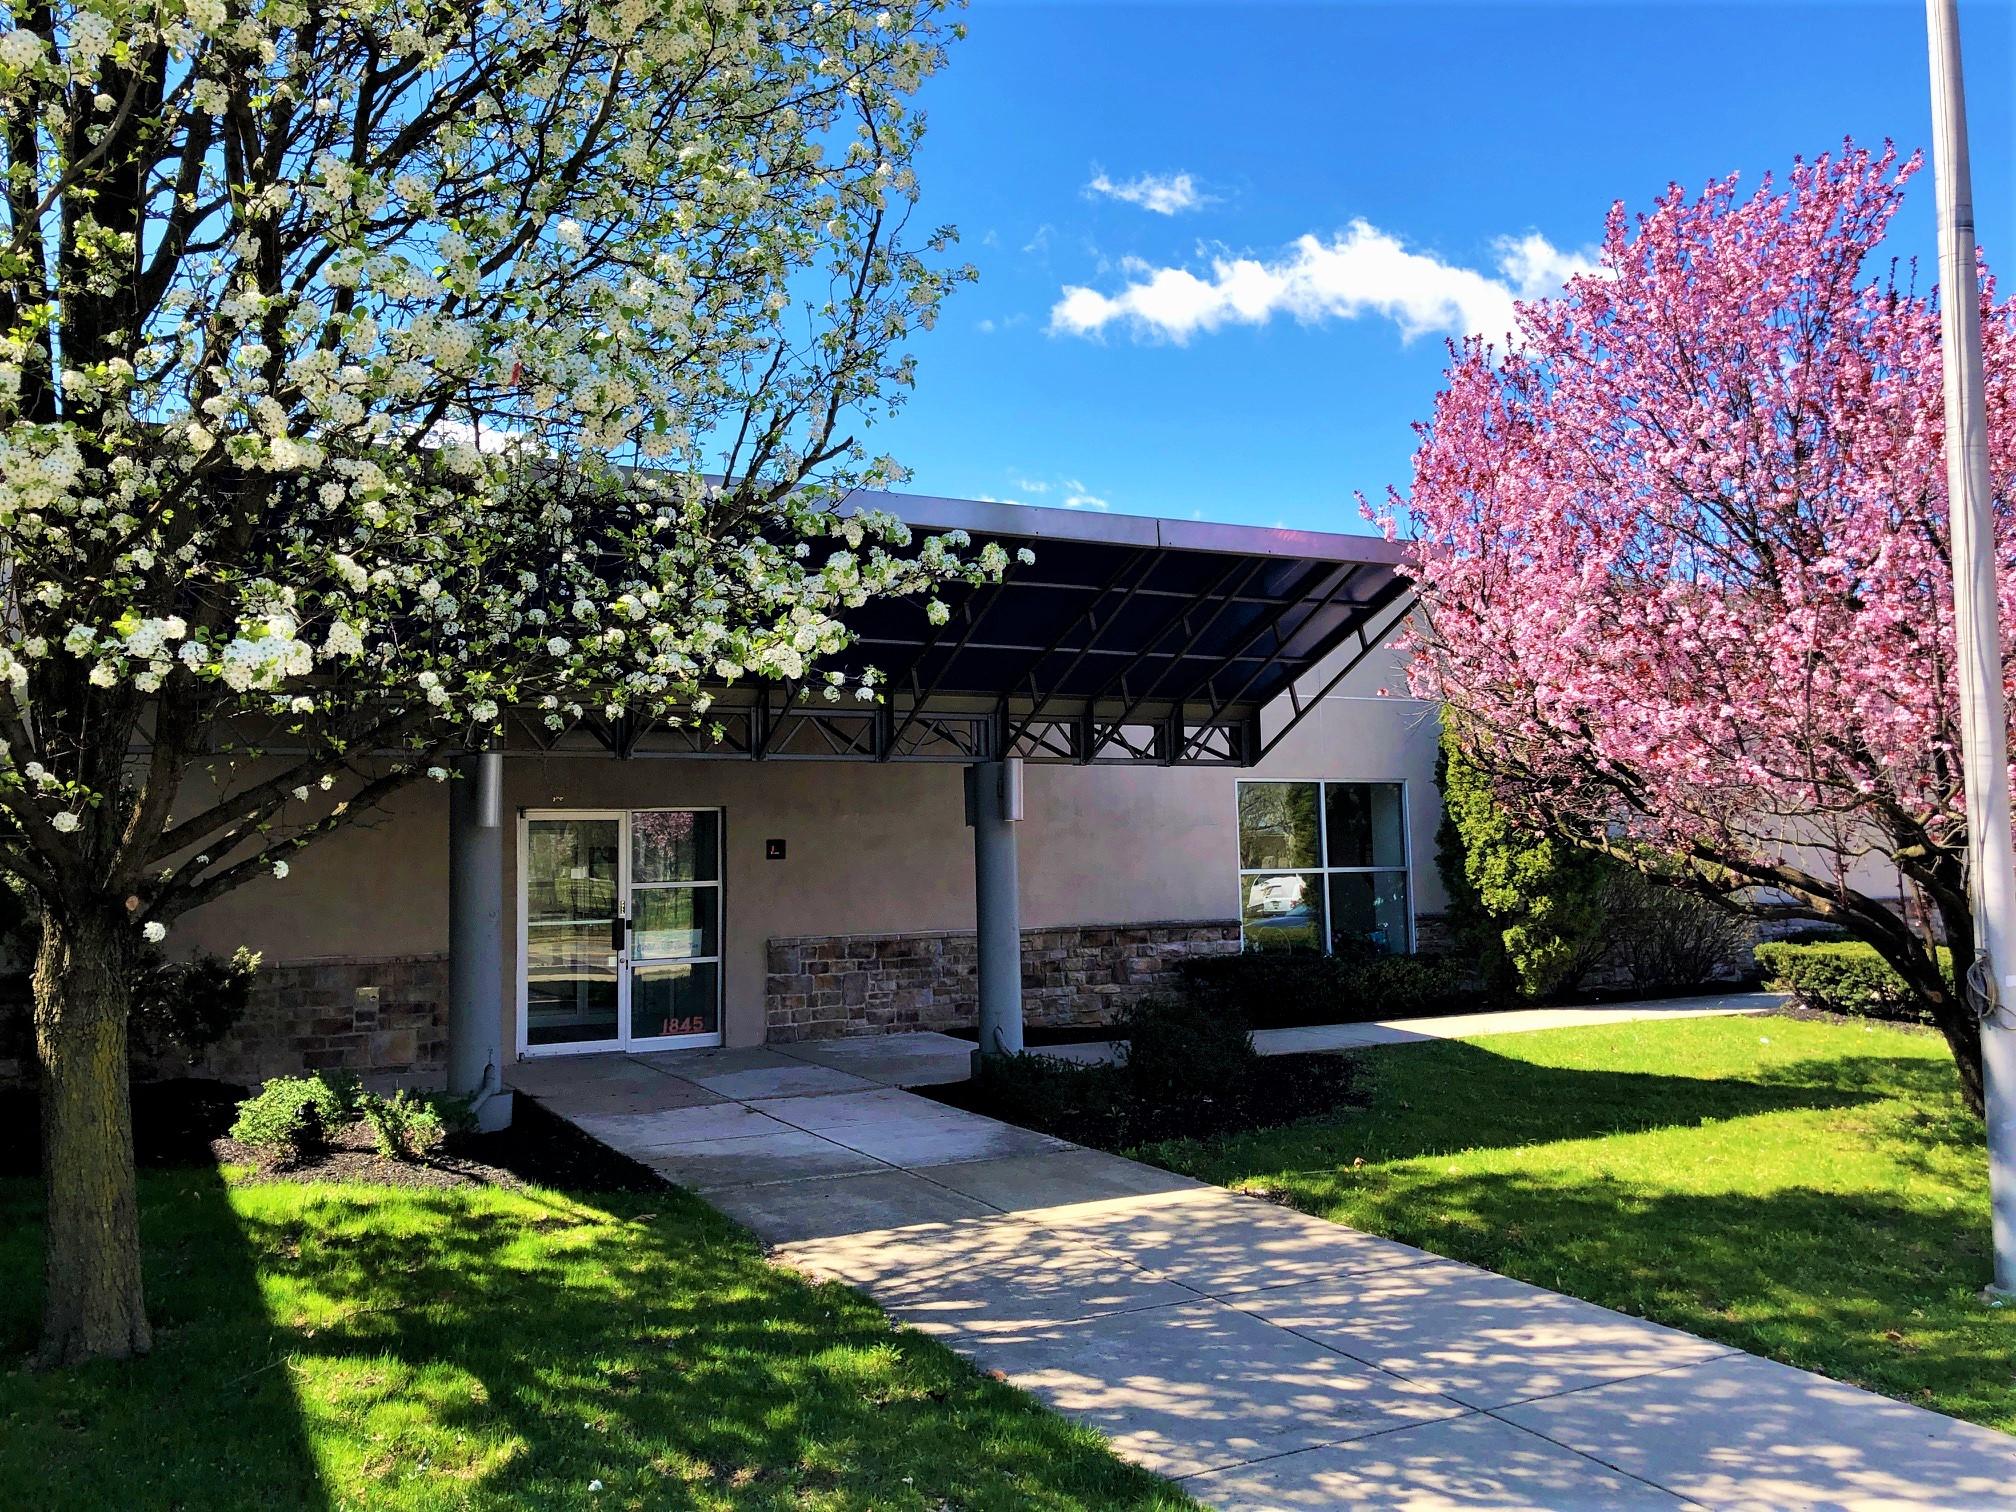 Camden County – Catholic Charities